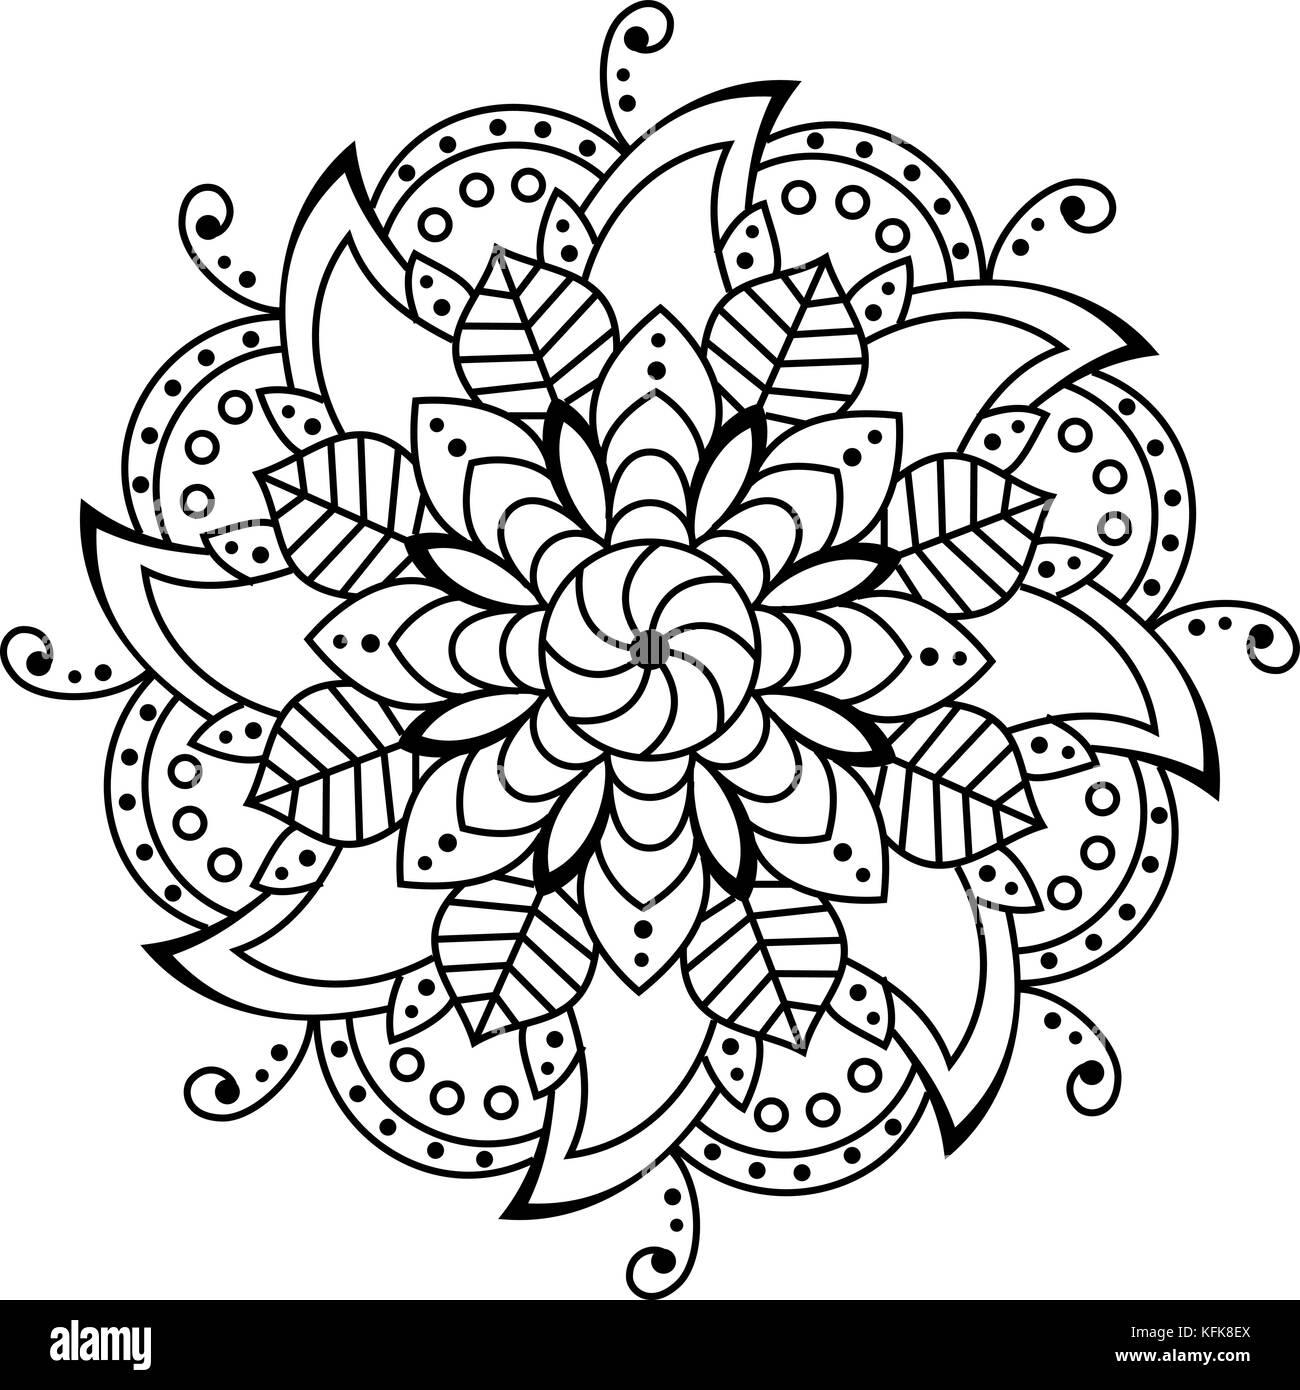 Mandala Fleur Elements Decoratifs Page De Coloriage Vecteurs Et